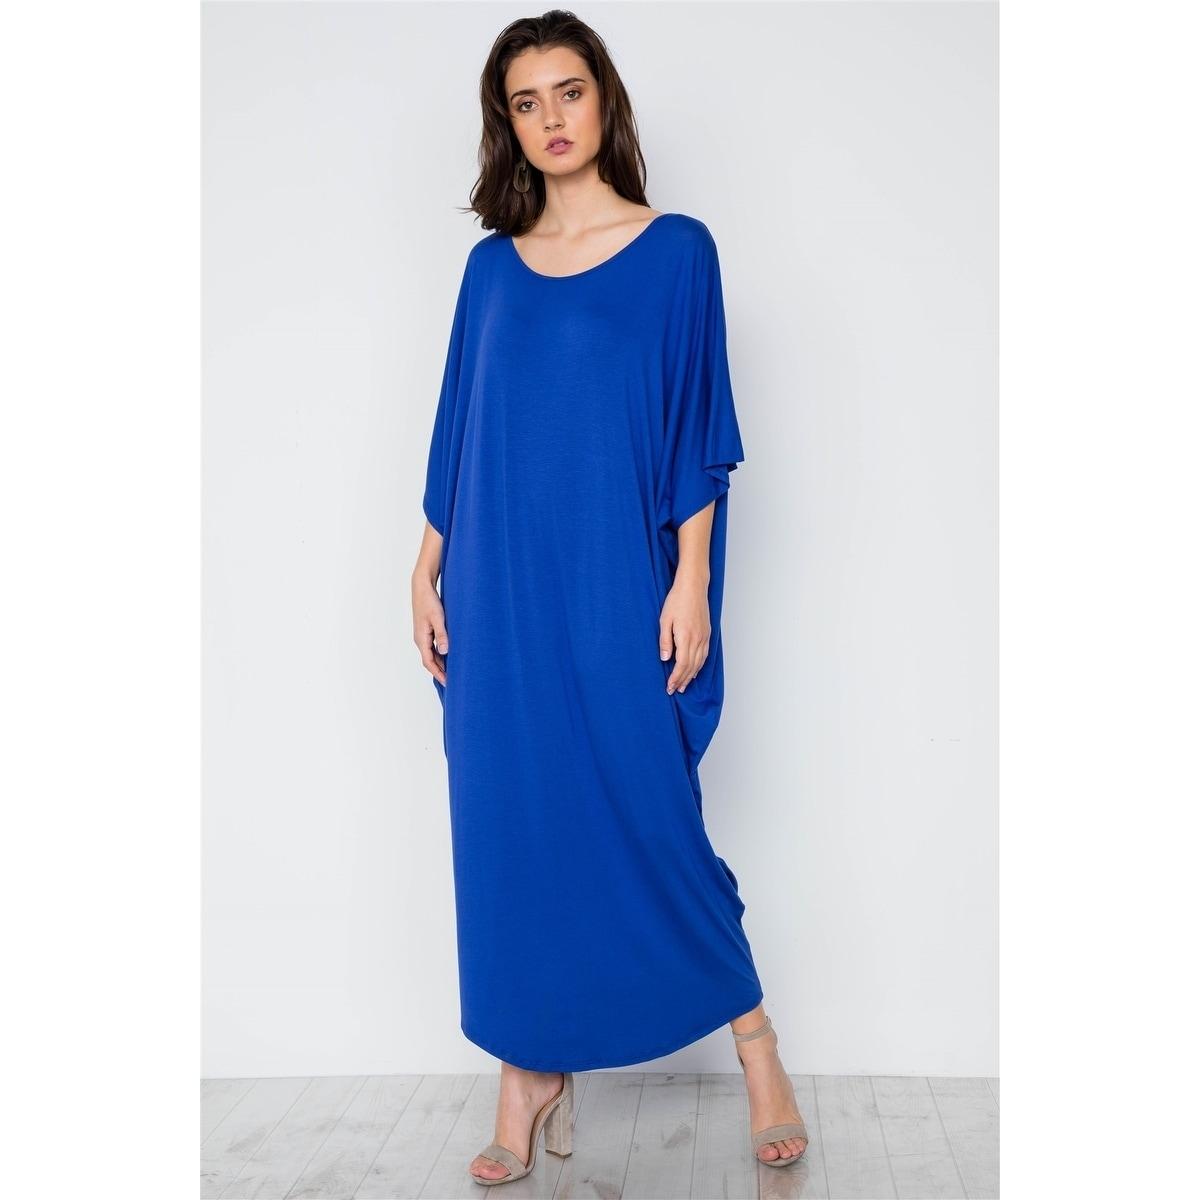 491e1105a4d Shop JED Women s Batwing Sleeve Drapey Resort Maxi Dress - On Sale ...